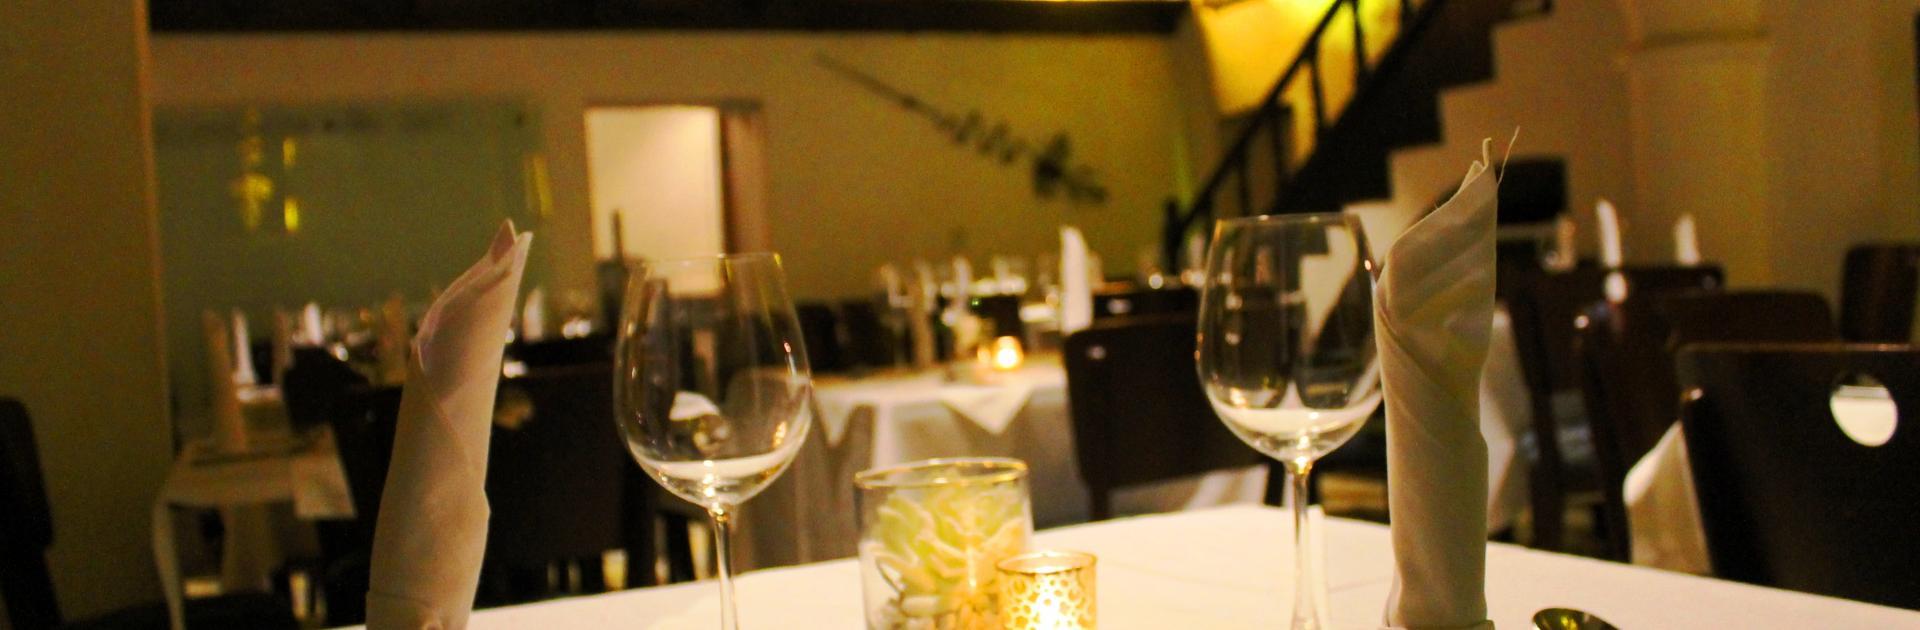 Restaurante Perú Mar, participante de Dónde Restaurant Week 2019 en Cartagena de Indias